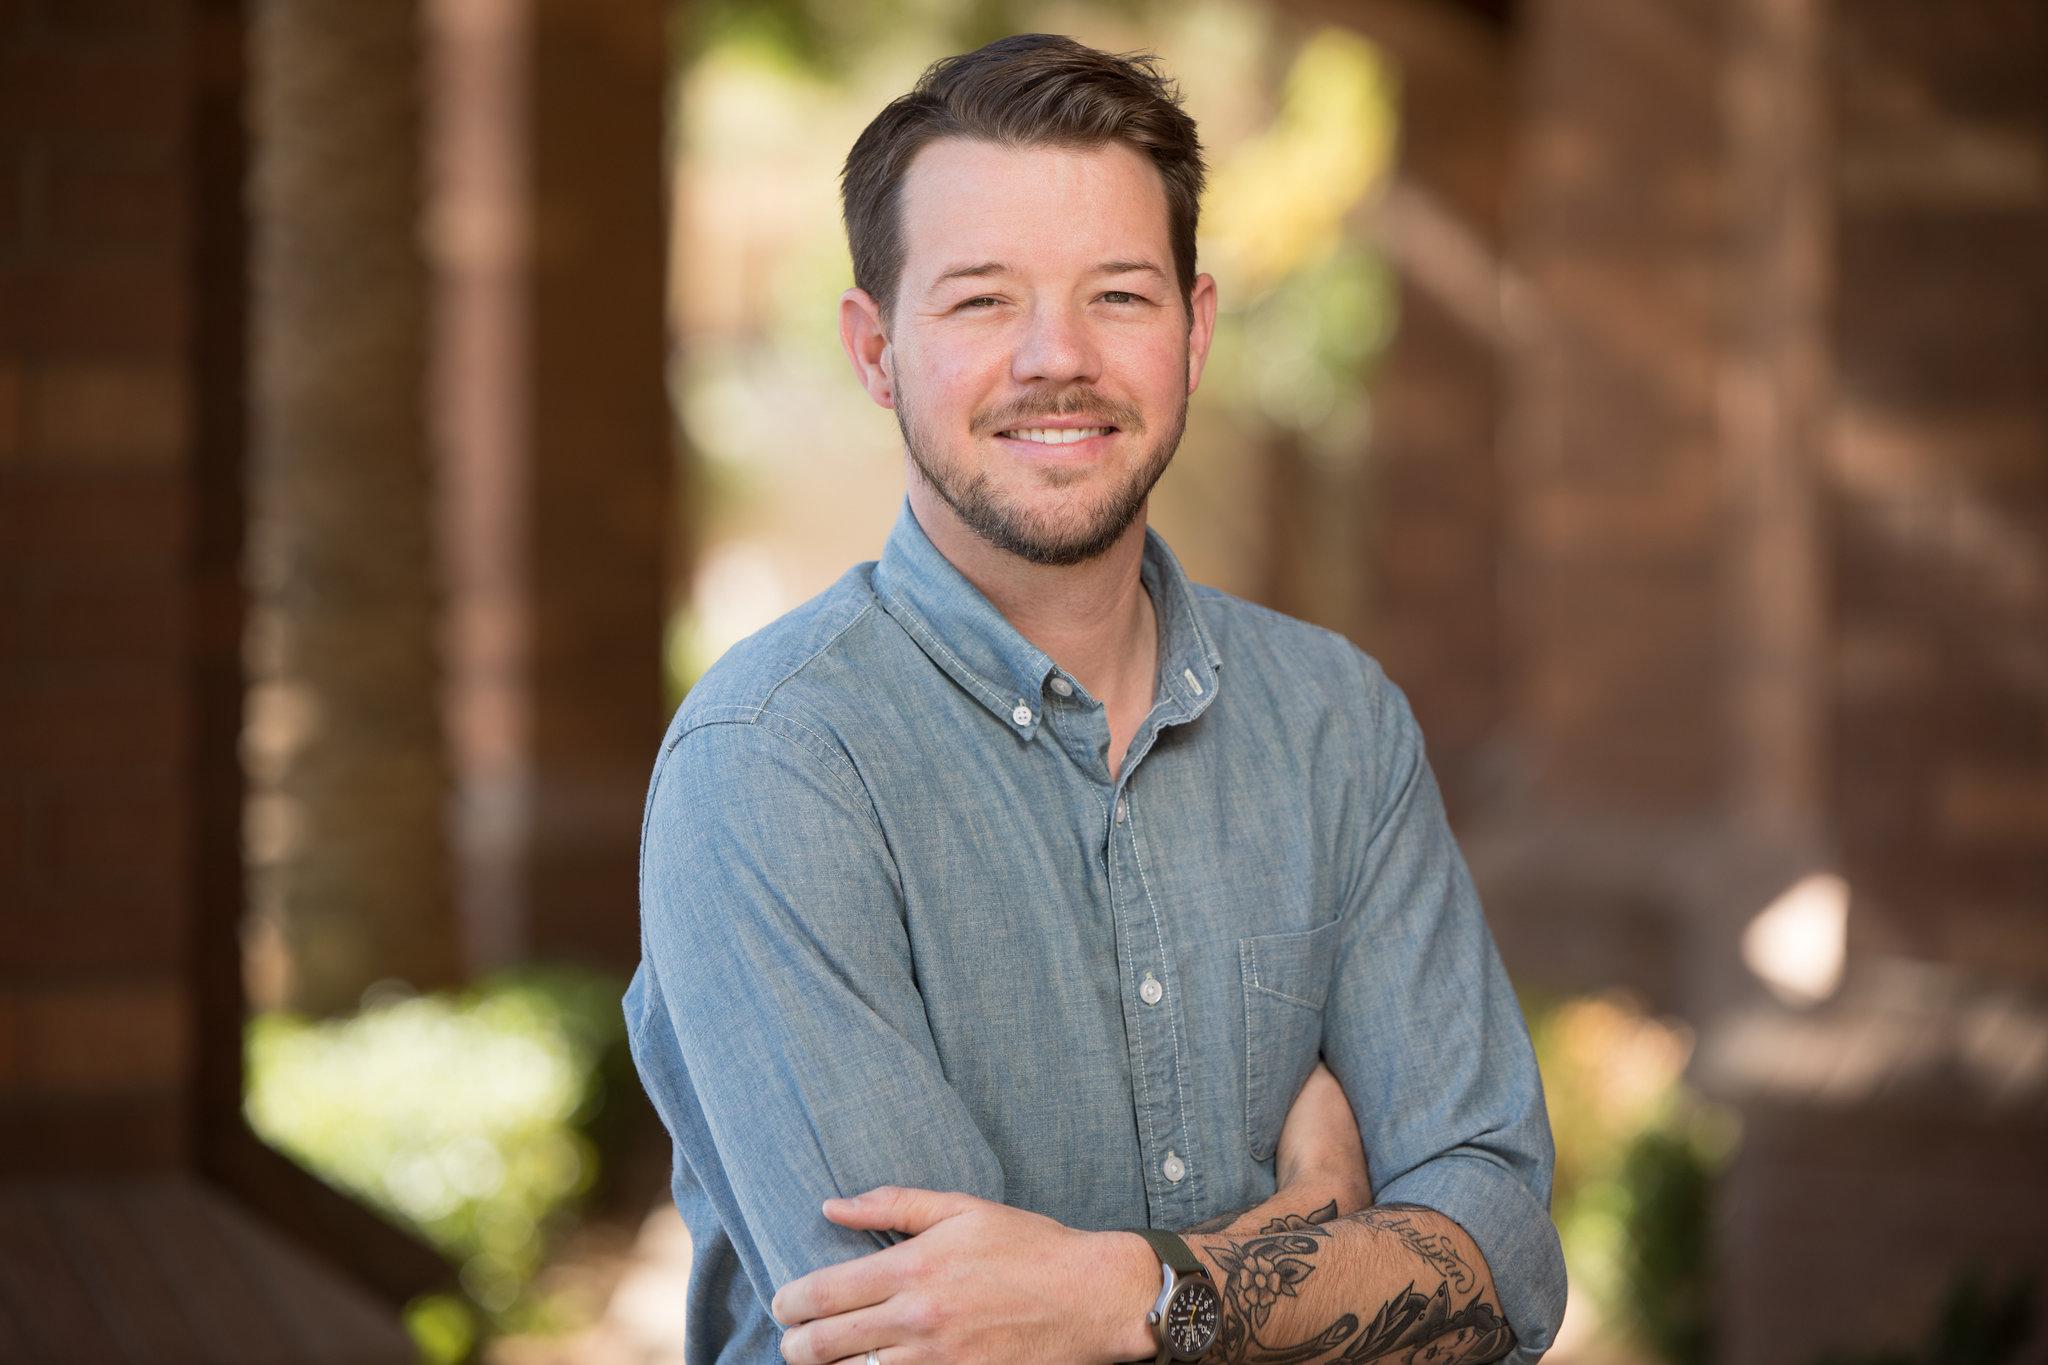 Dustin Christensen